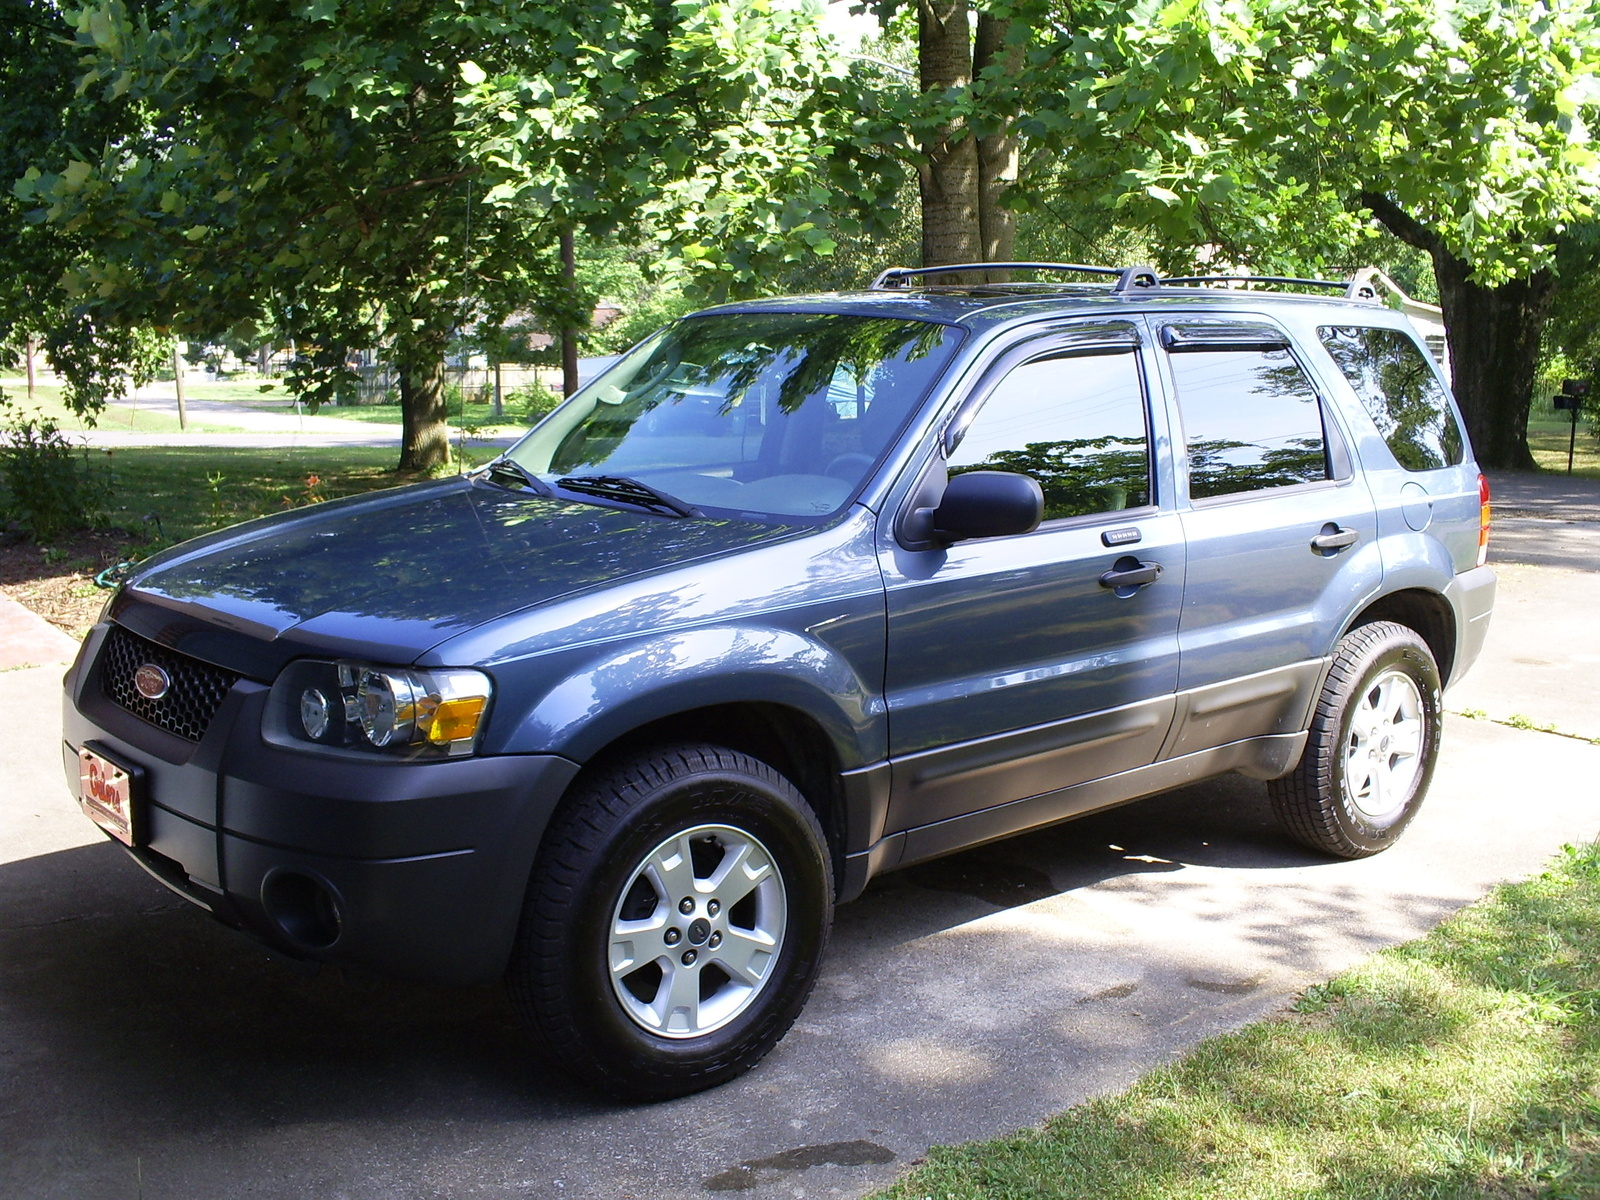 2005 ford escape image 10